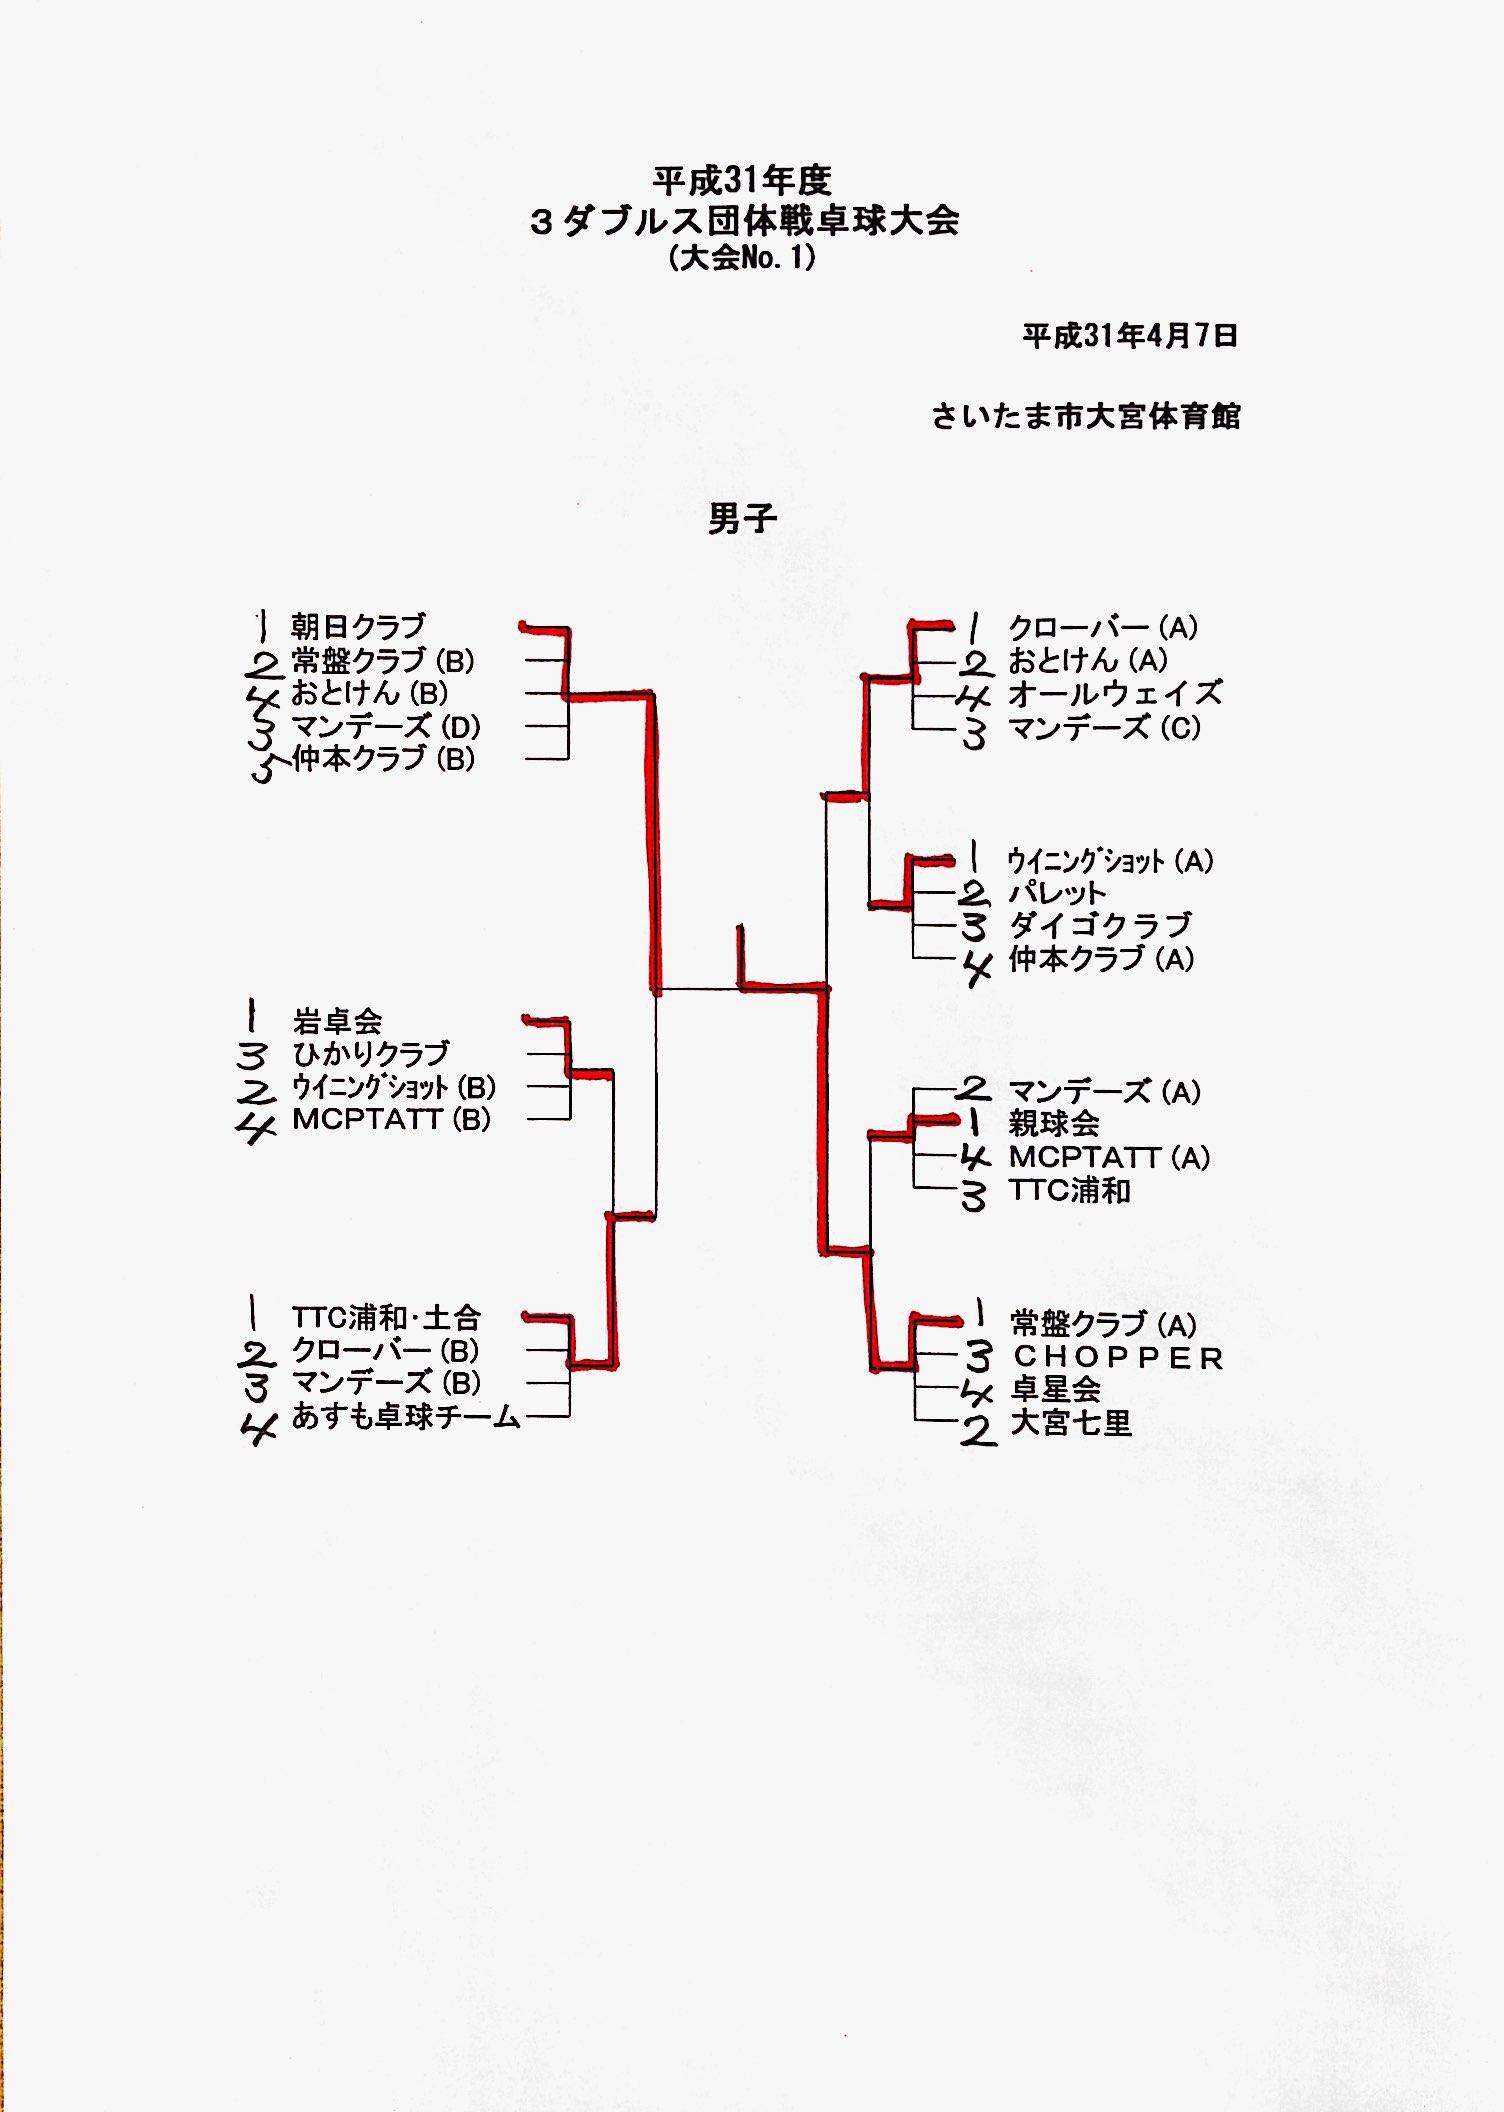 新規ドキュメント 2019-04-08 22.16.19_1